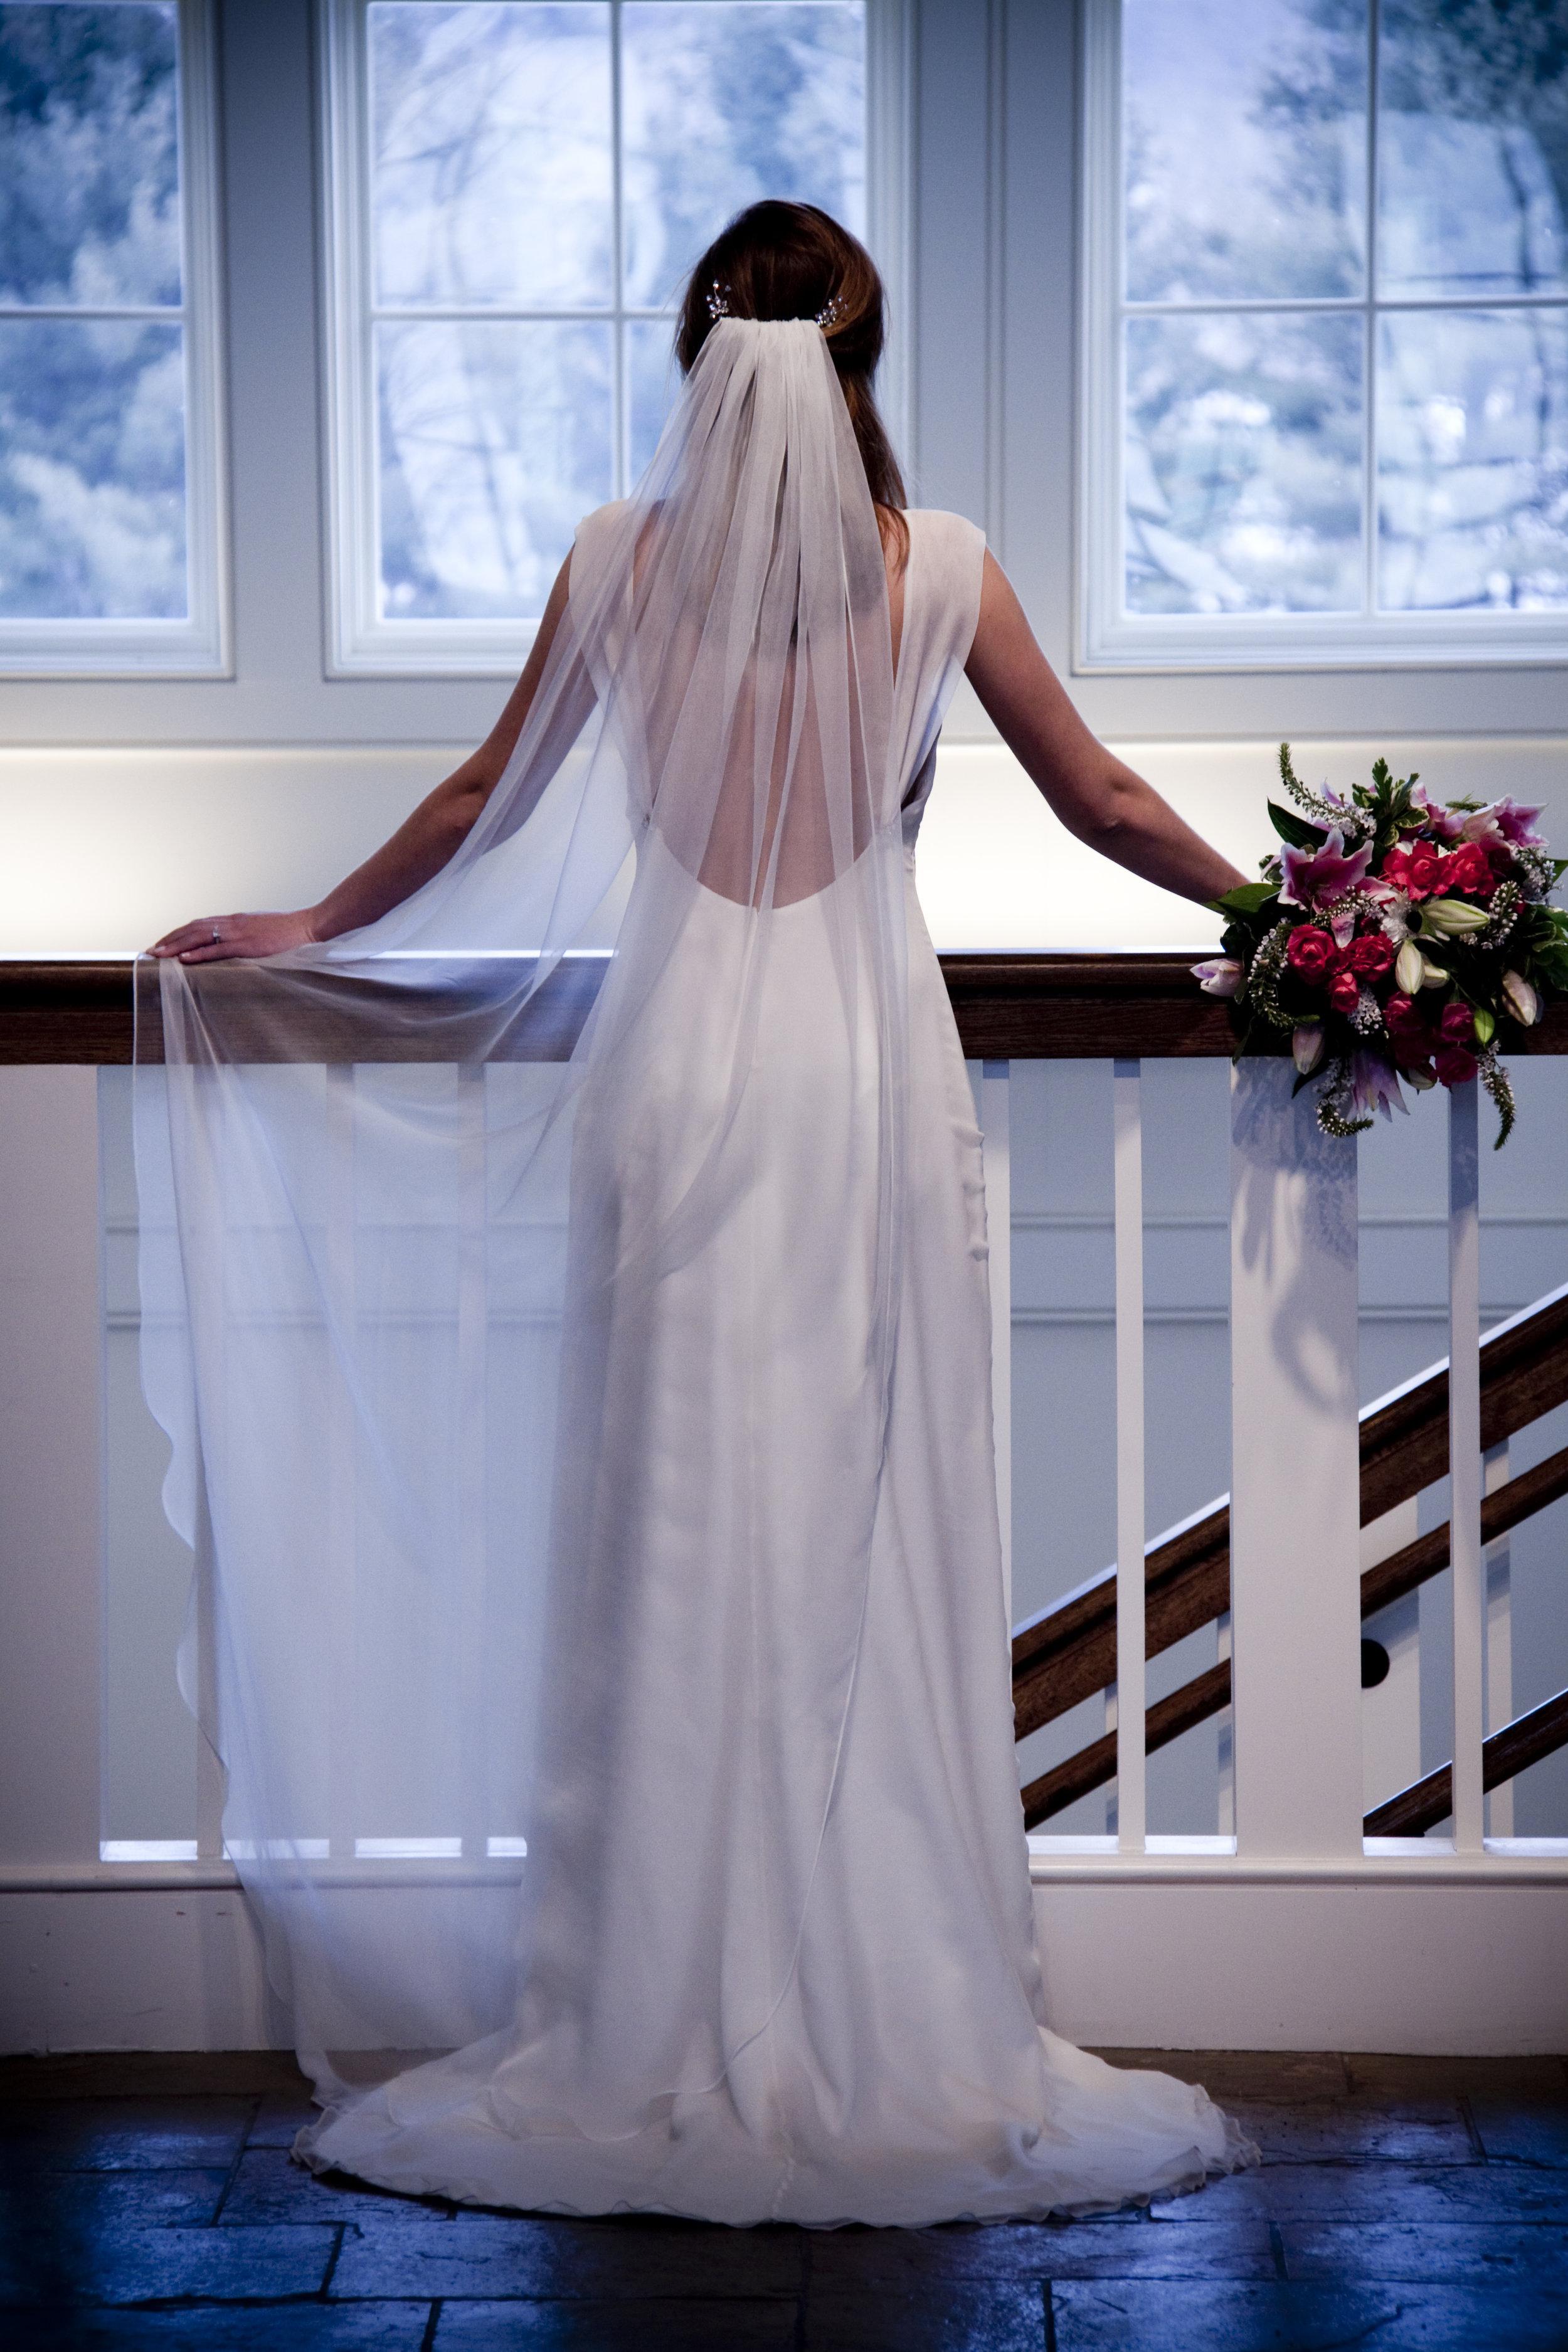 dress134.jpg